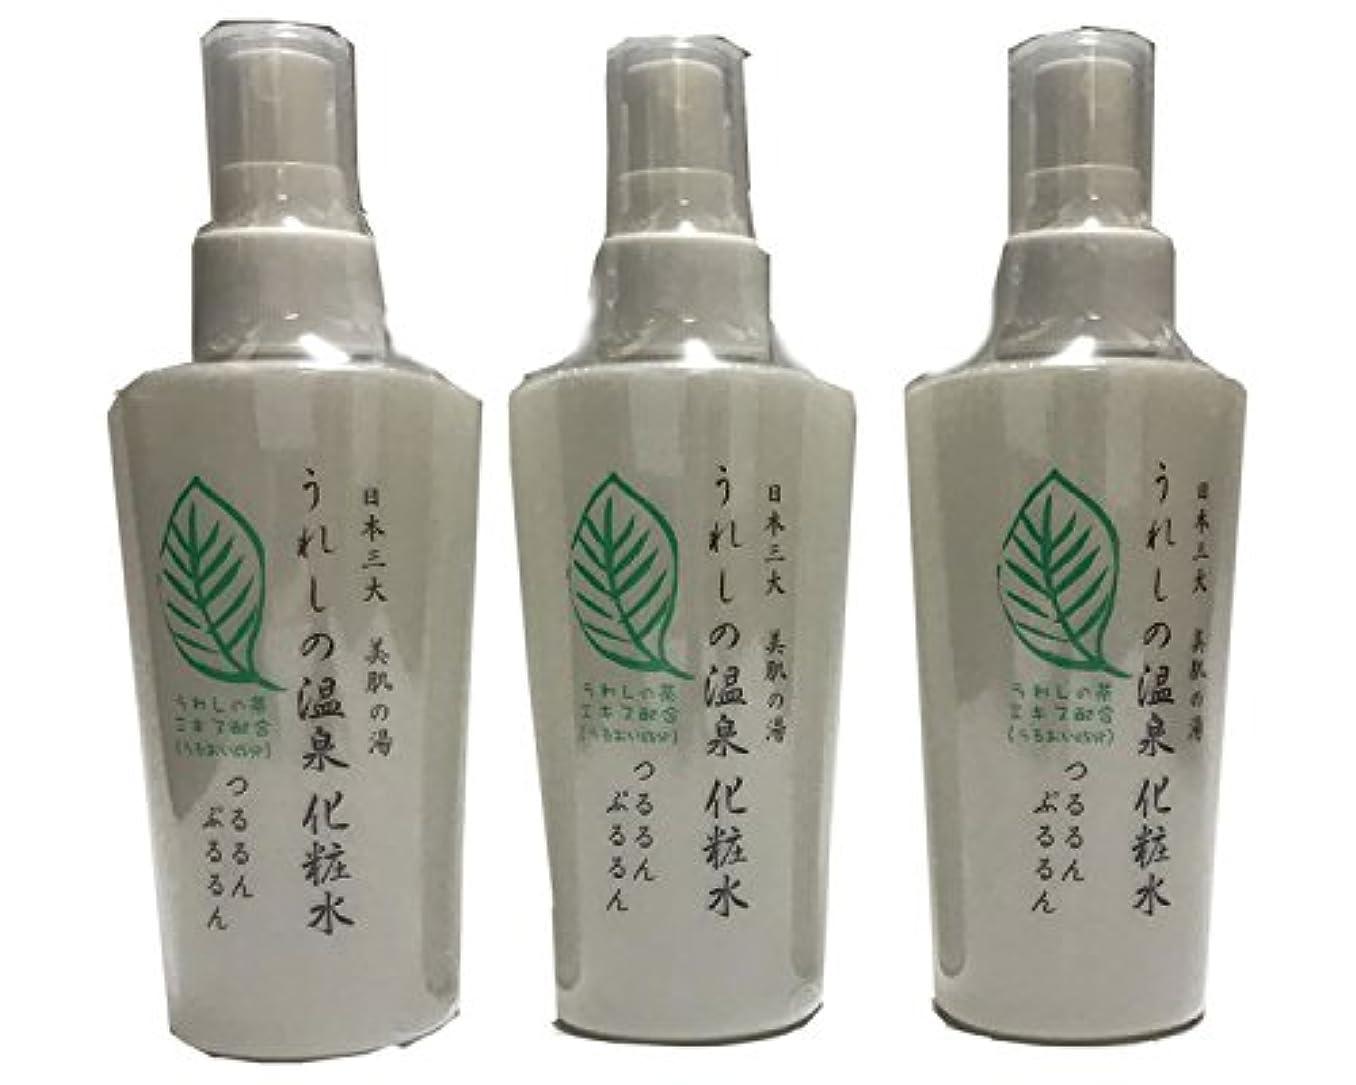 吸収剤しみ今まで嬉野温泉 うれしの温泉化粧水 3本セット